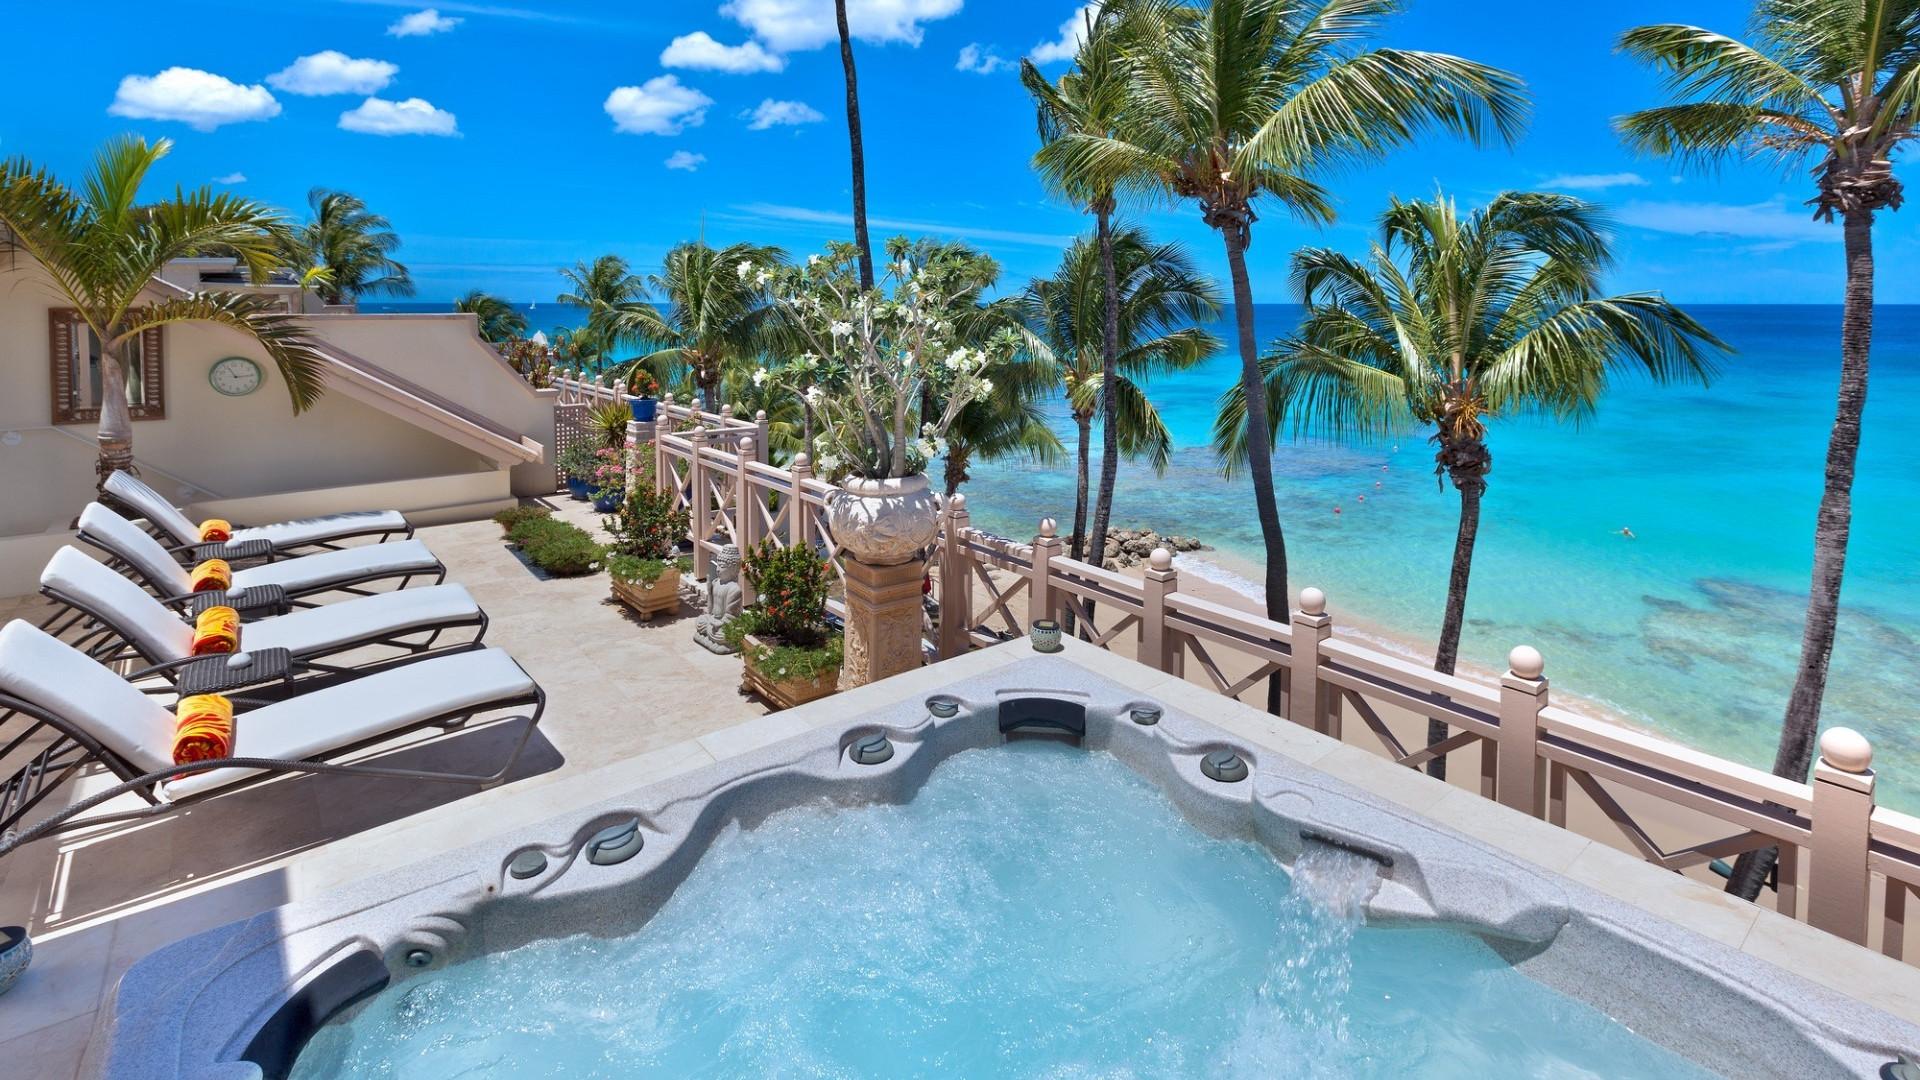 3 Bedroom Villa In Barbados